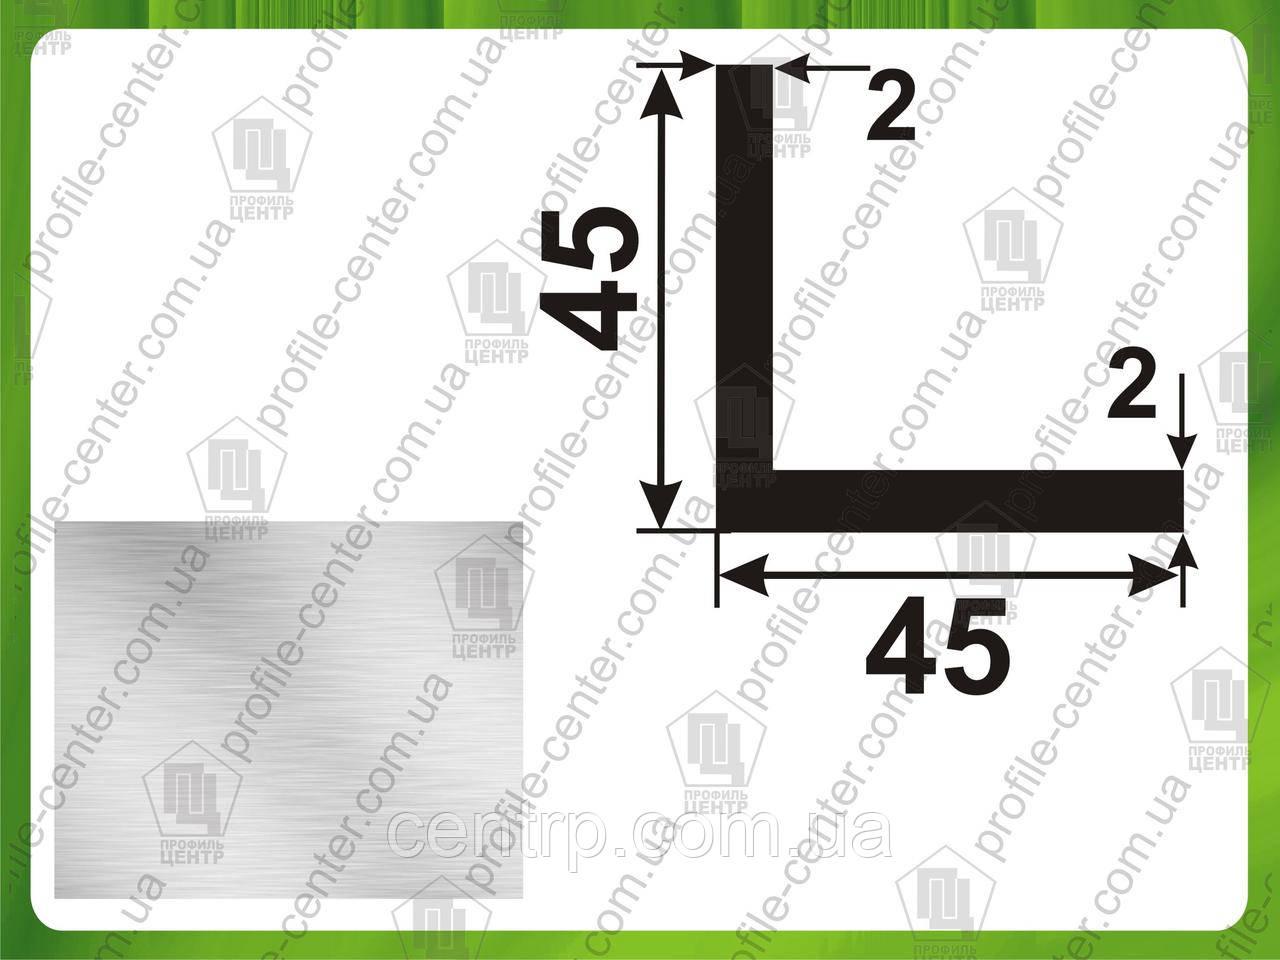 Уголок алюминиевый 45х45х2  равнополочный равносторонний без покрытия.